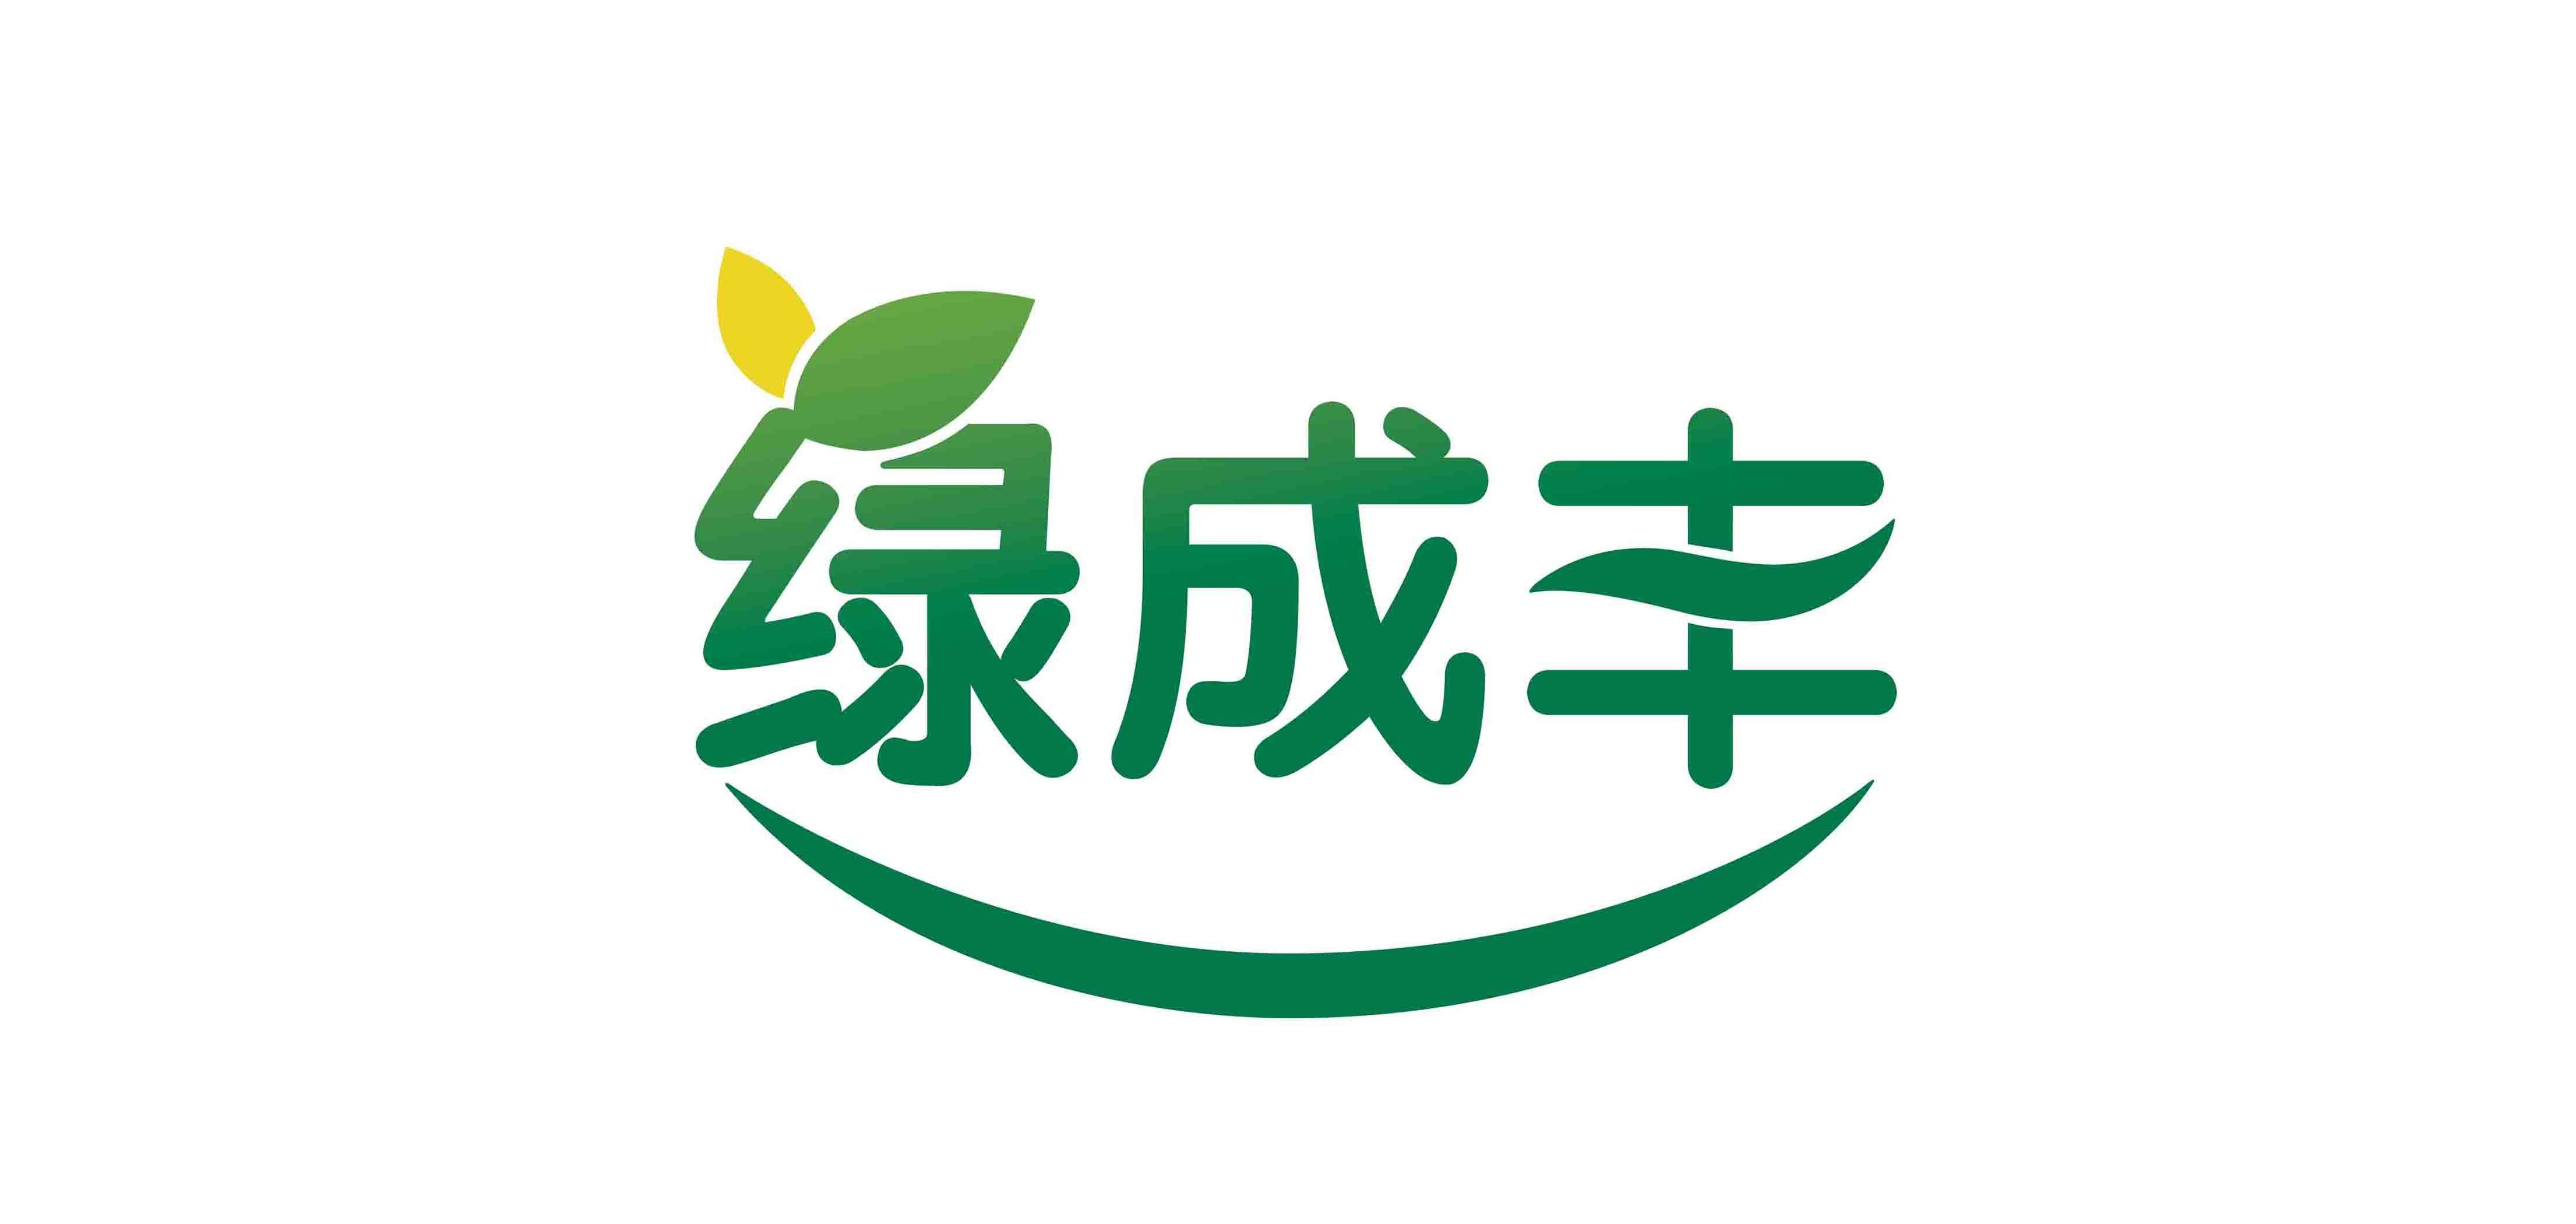 绿成丰花卉植物